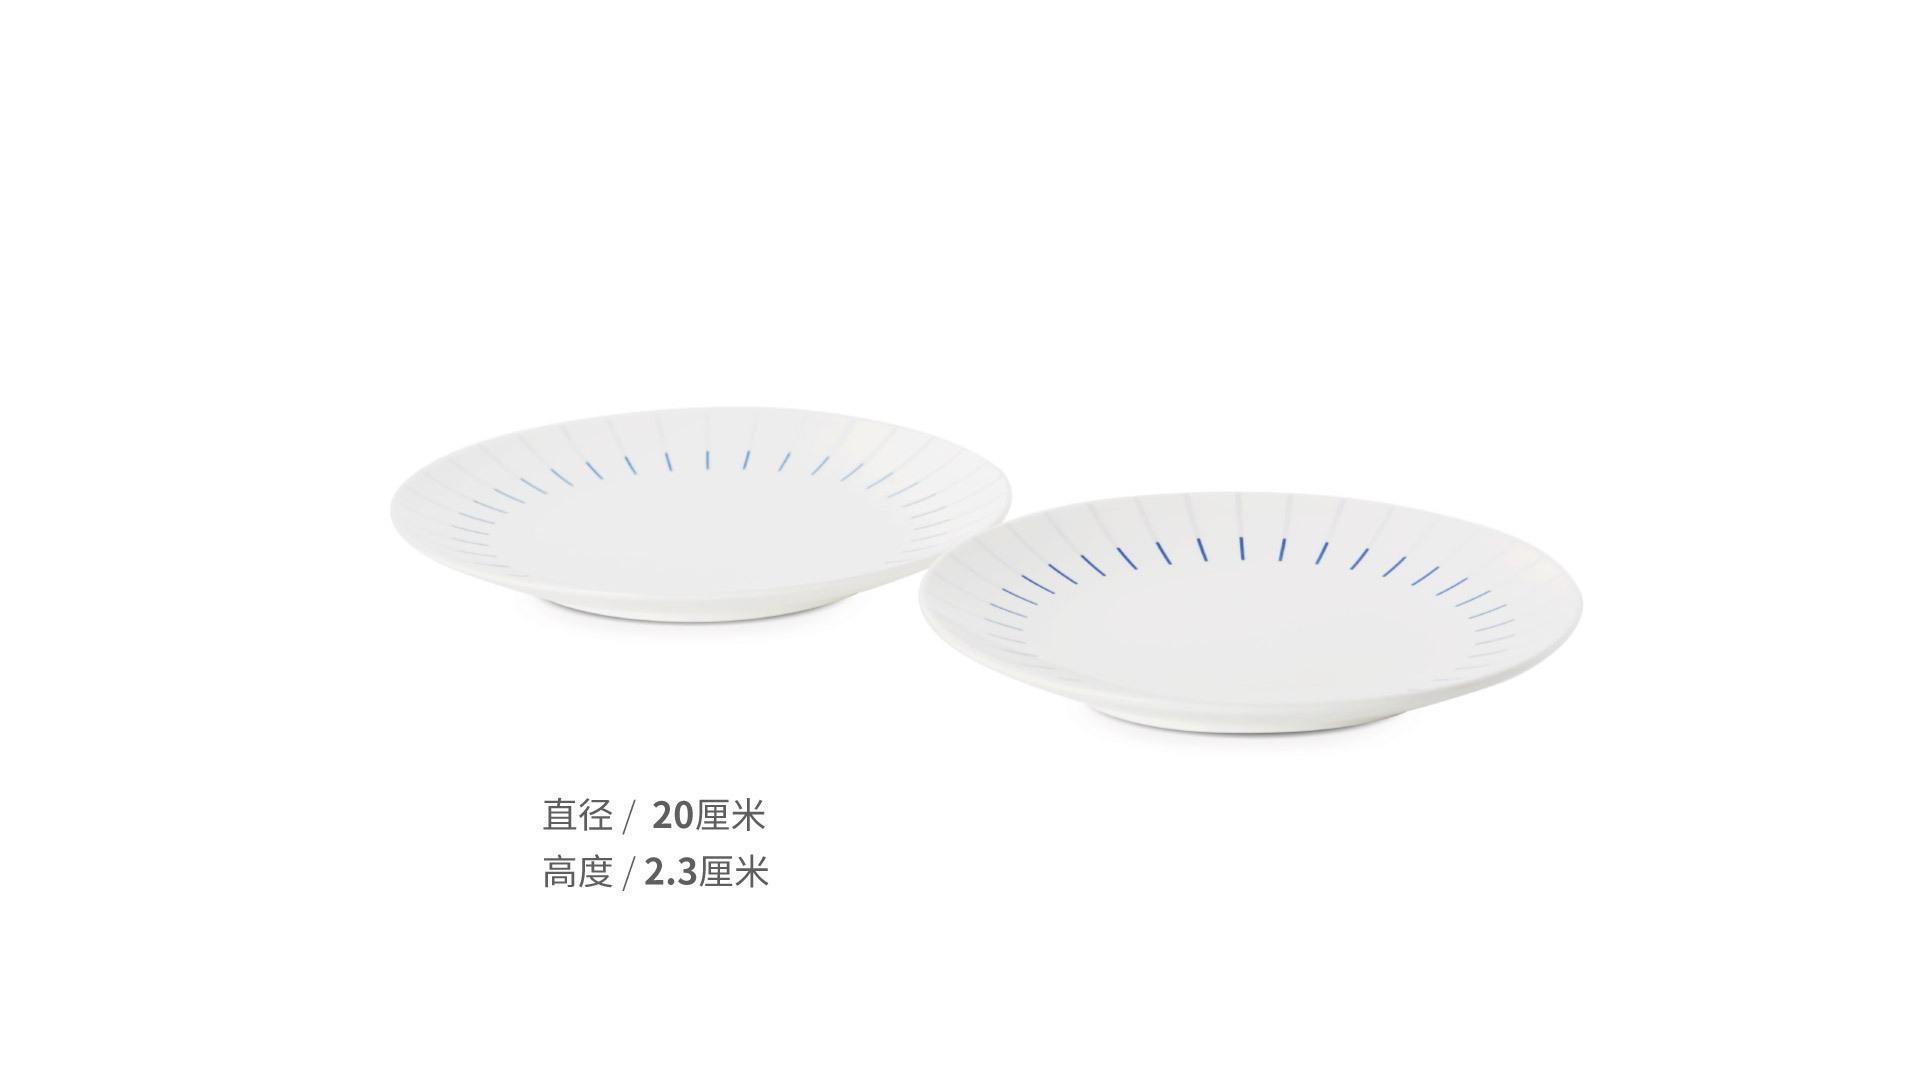 镜线西班牙瓷土餐具组中盘套装餐具效果图